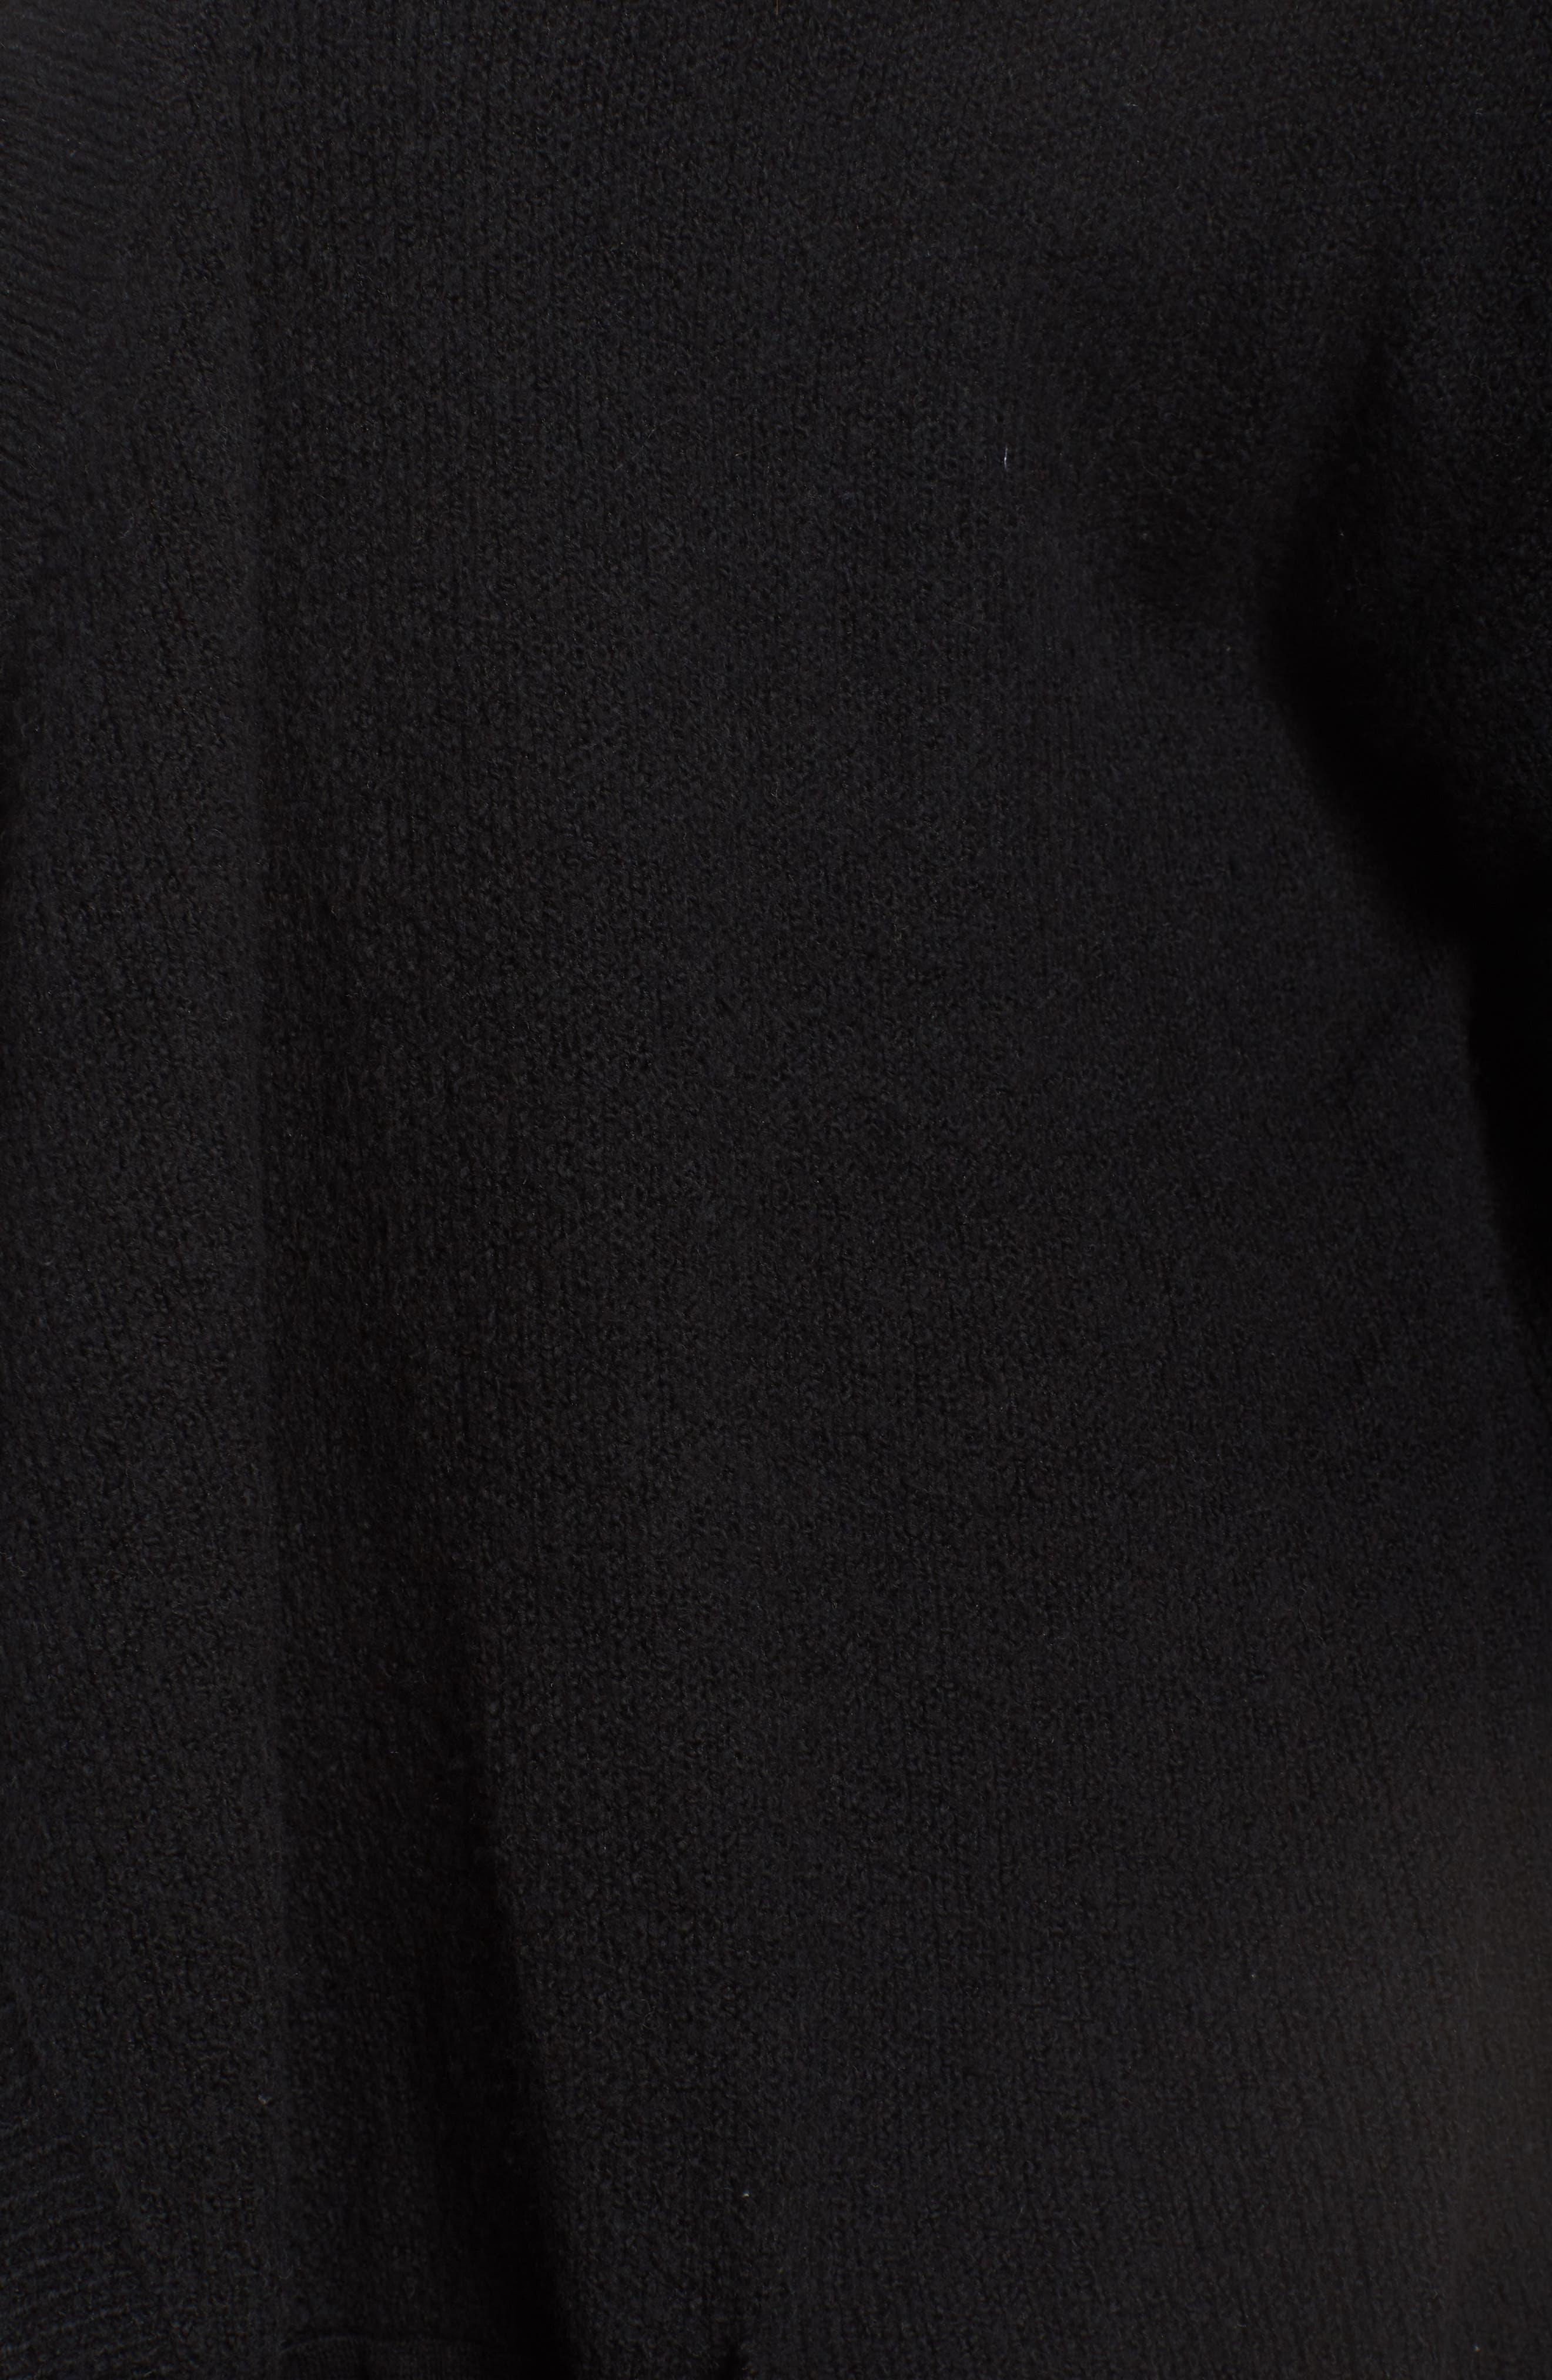 Drape Cardigan,                             Alternate thumbnail 11, color,                             BLACK